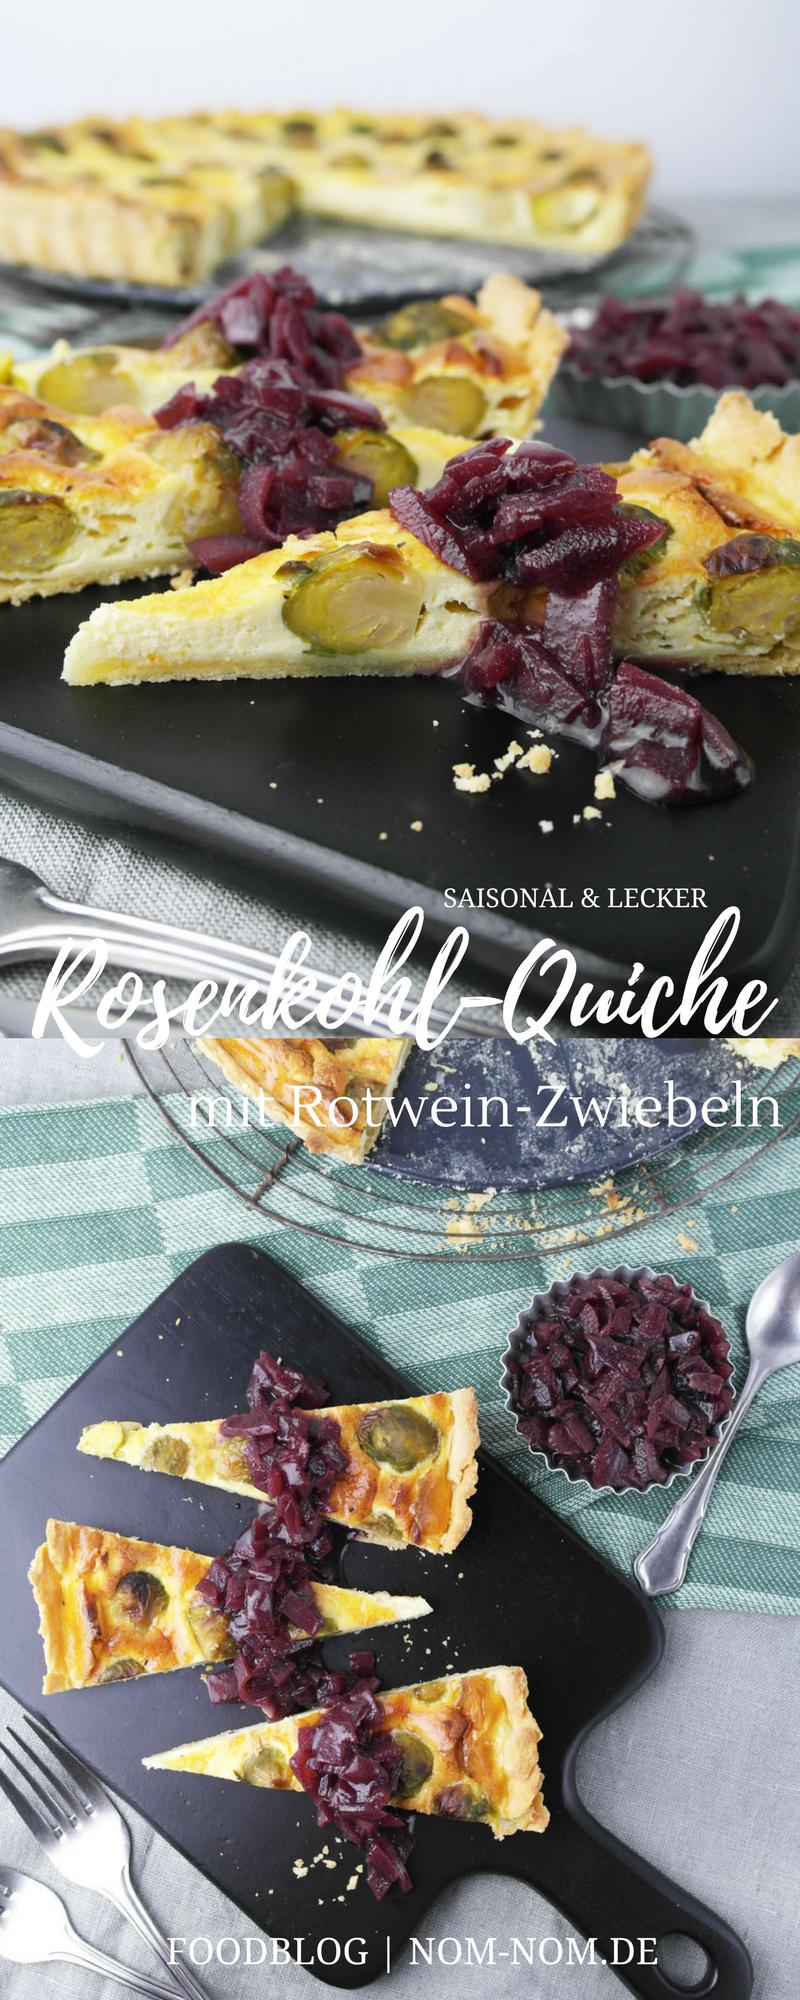 Rosenkohl-Quiche mit Rotwein-Zwiebeln | vegetarisch